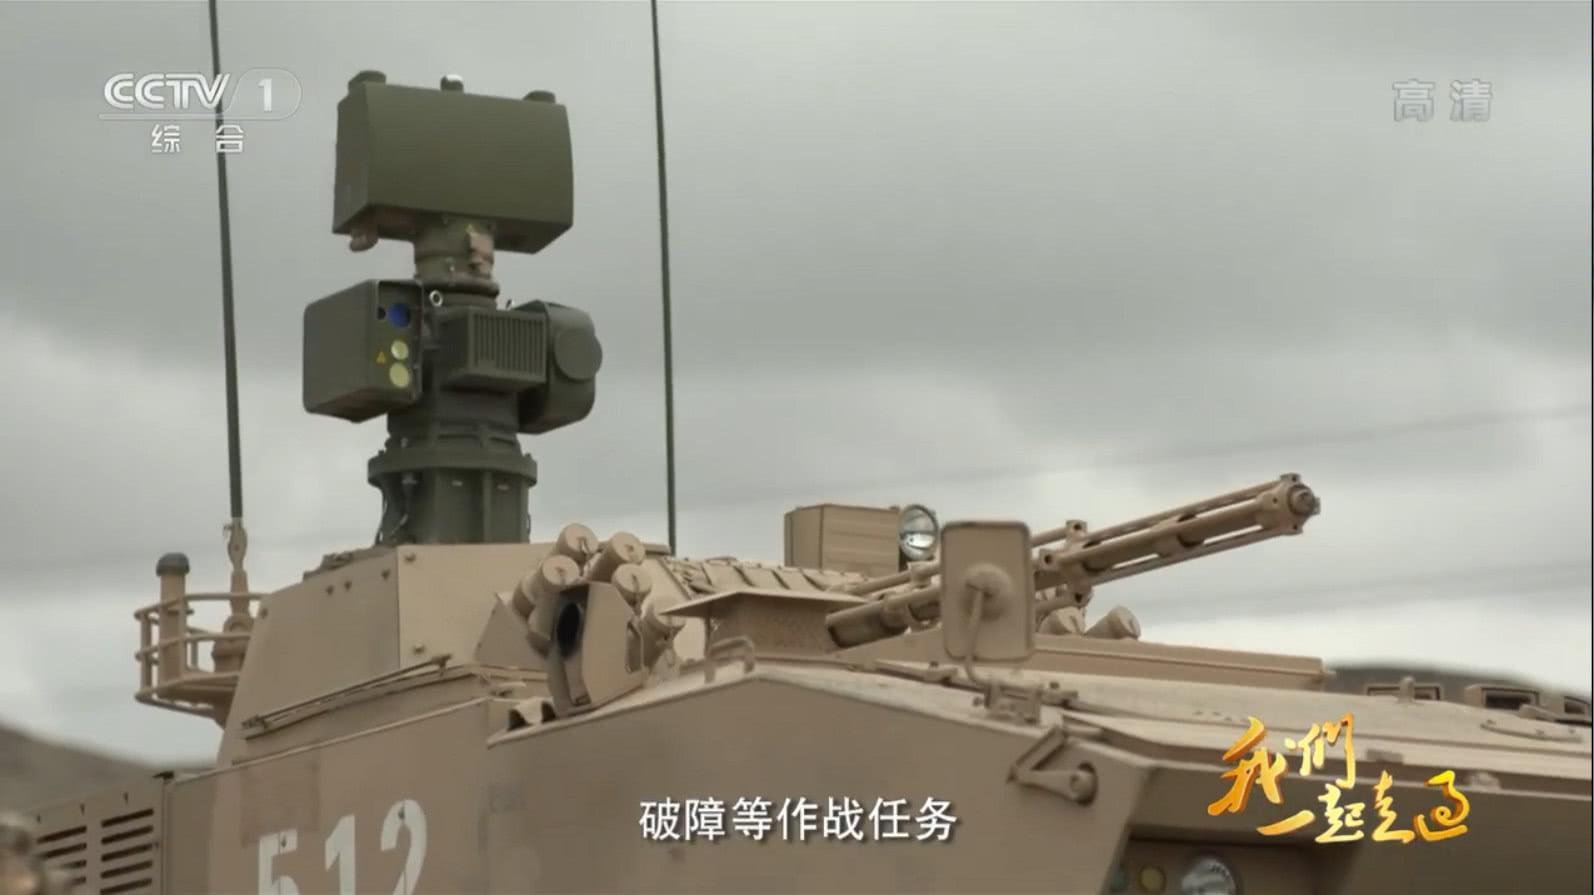 国产新型装甲侦察车现身,开动后直接叫来歼11、直19一起炸